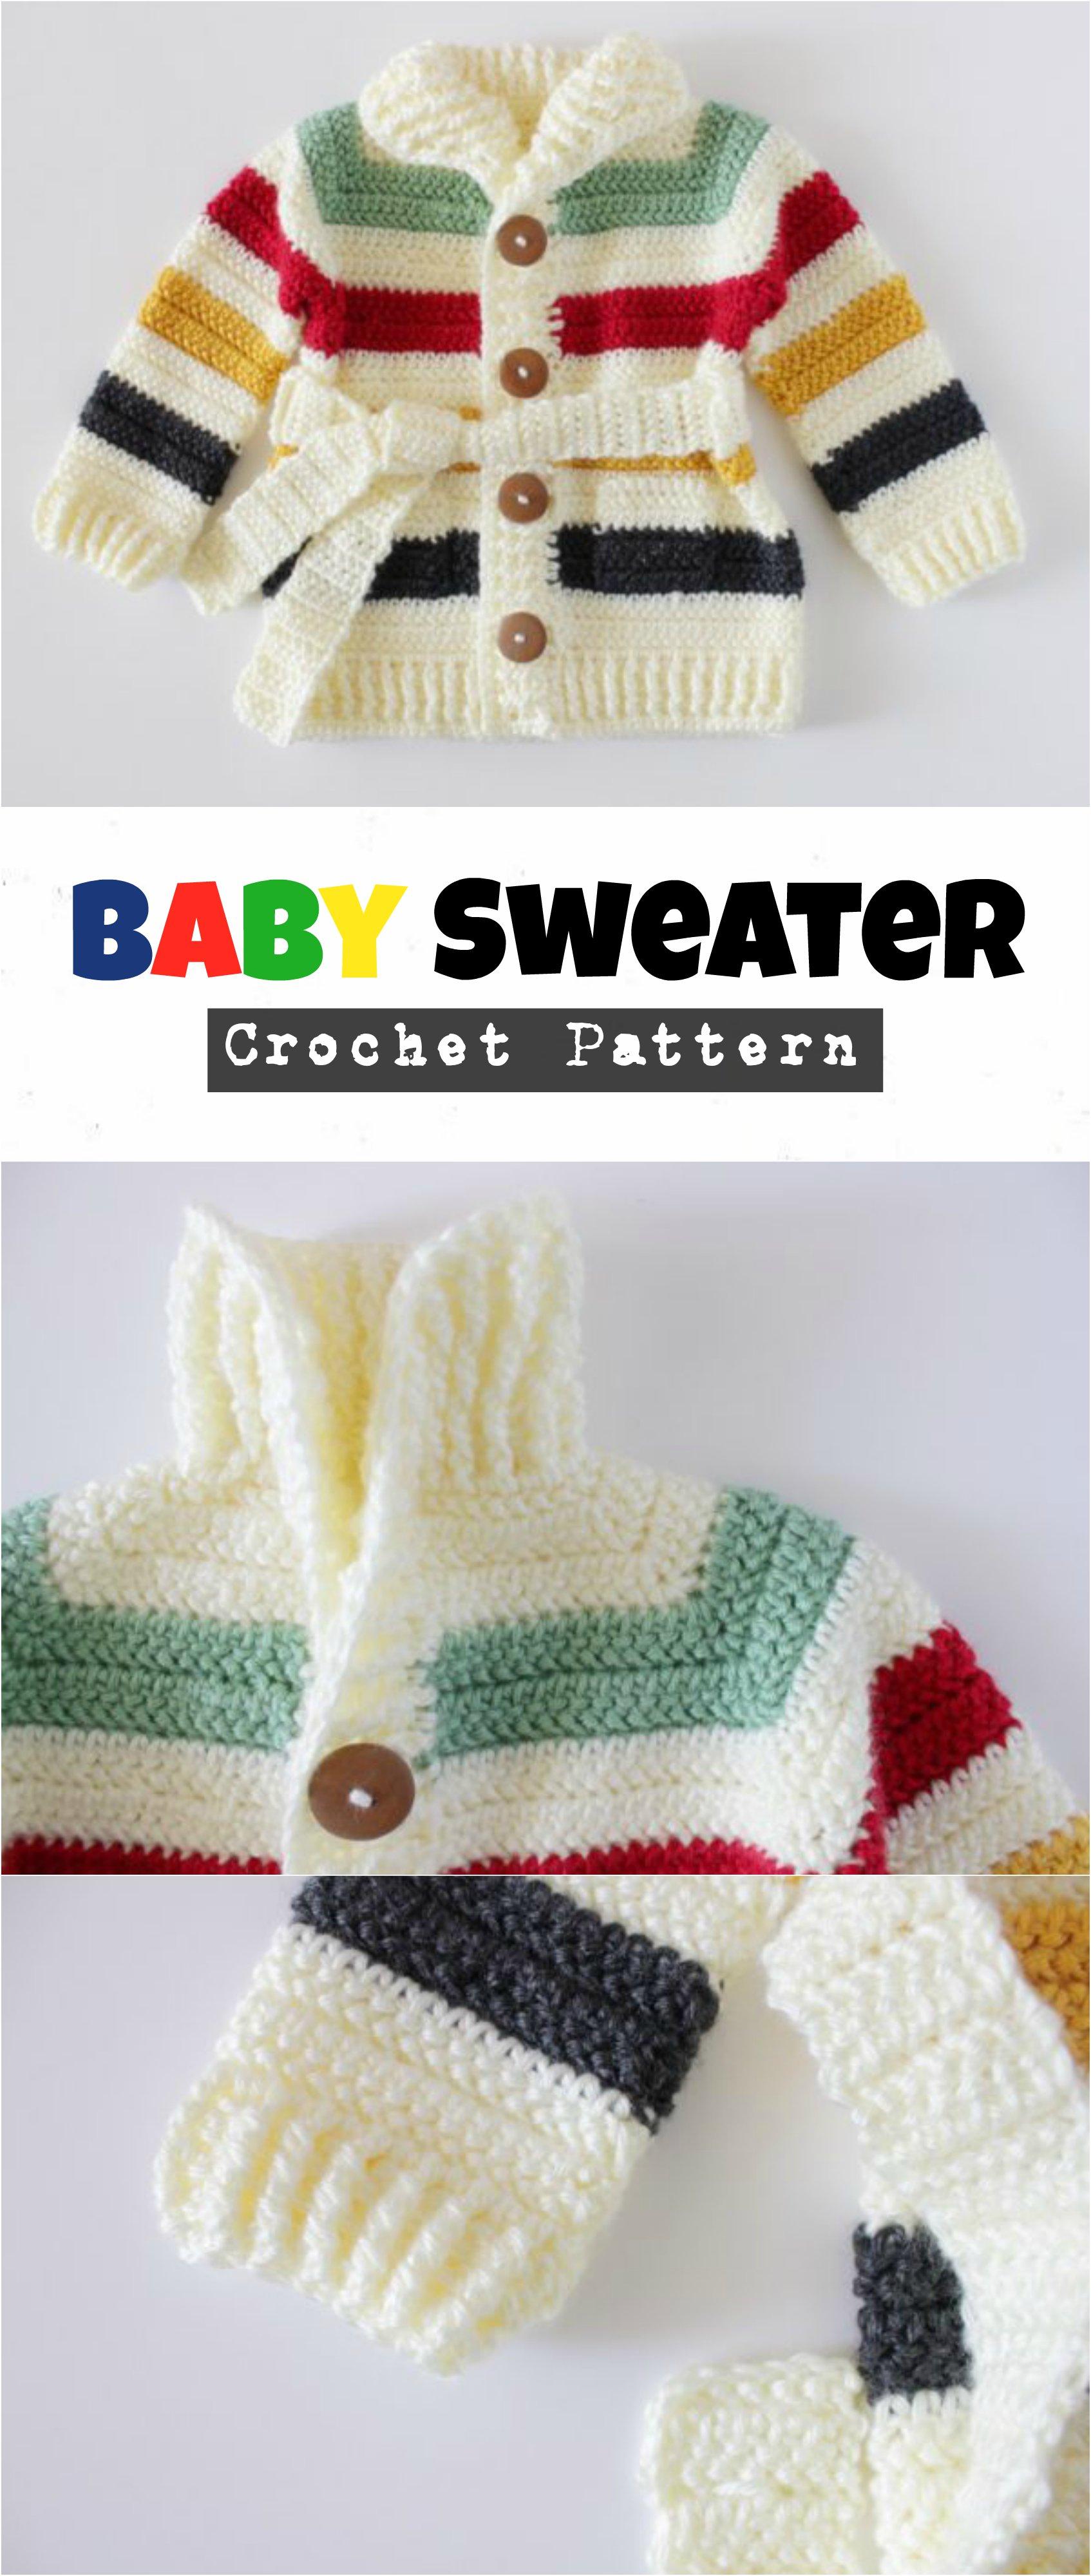 Crochet Baby Sweater Pretty Ideas